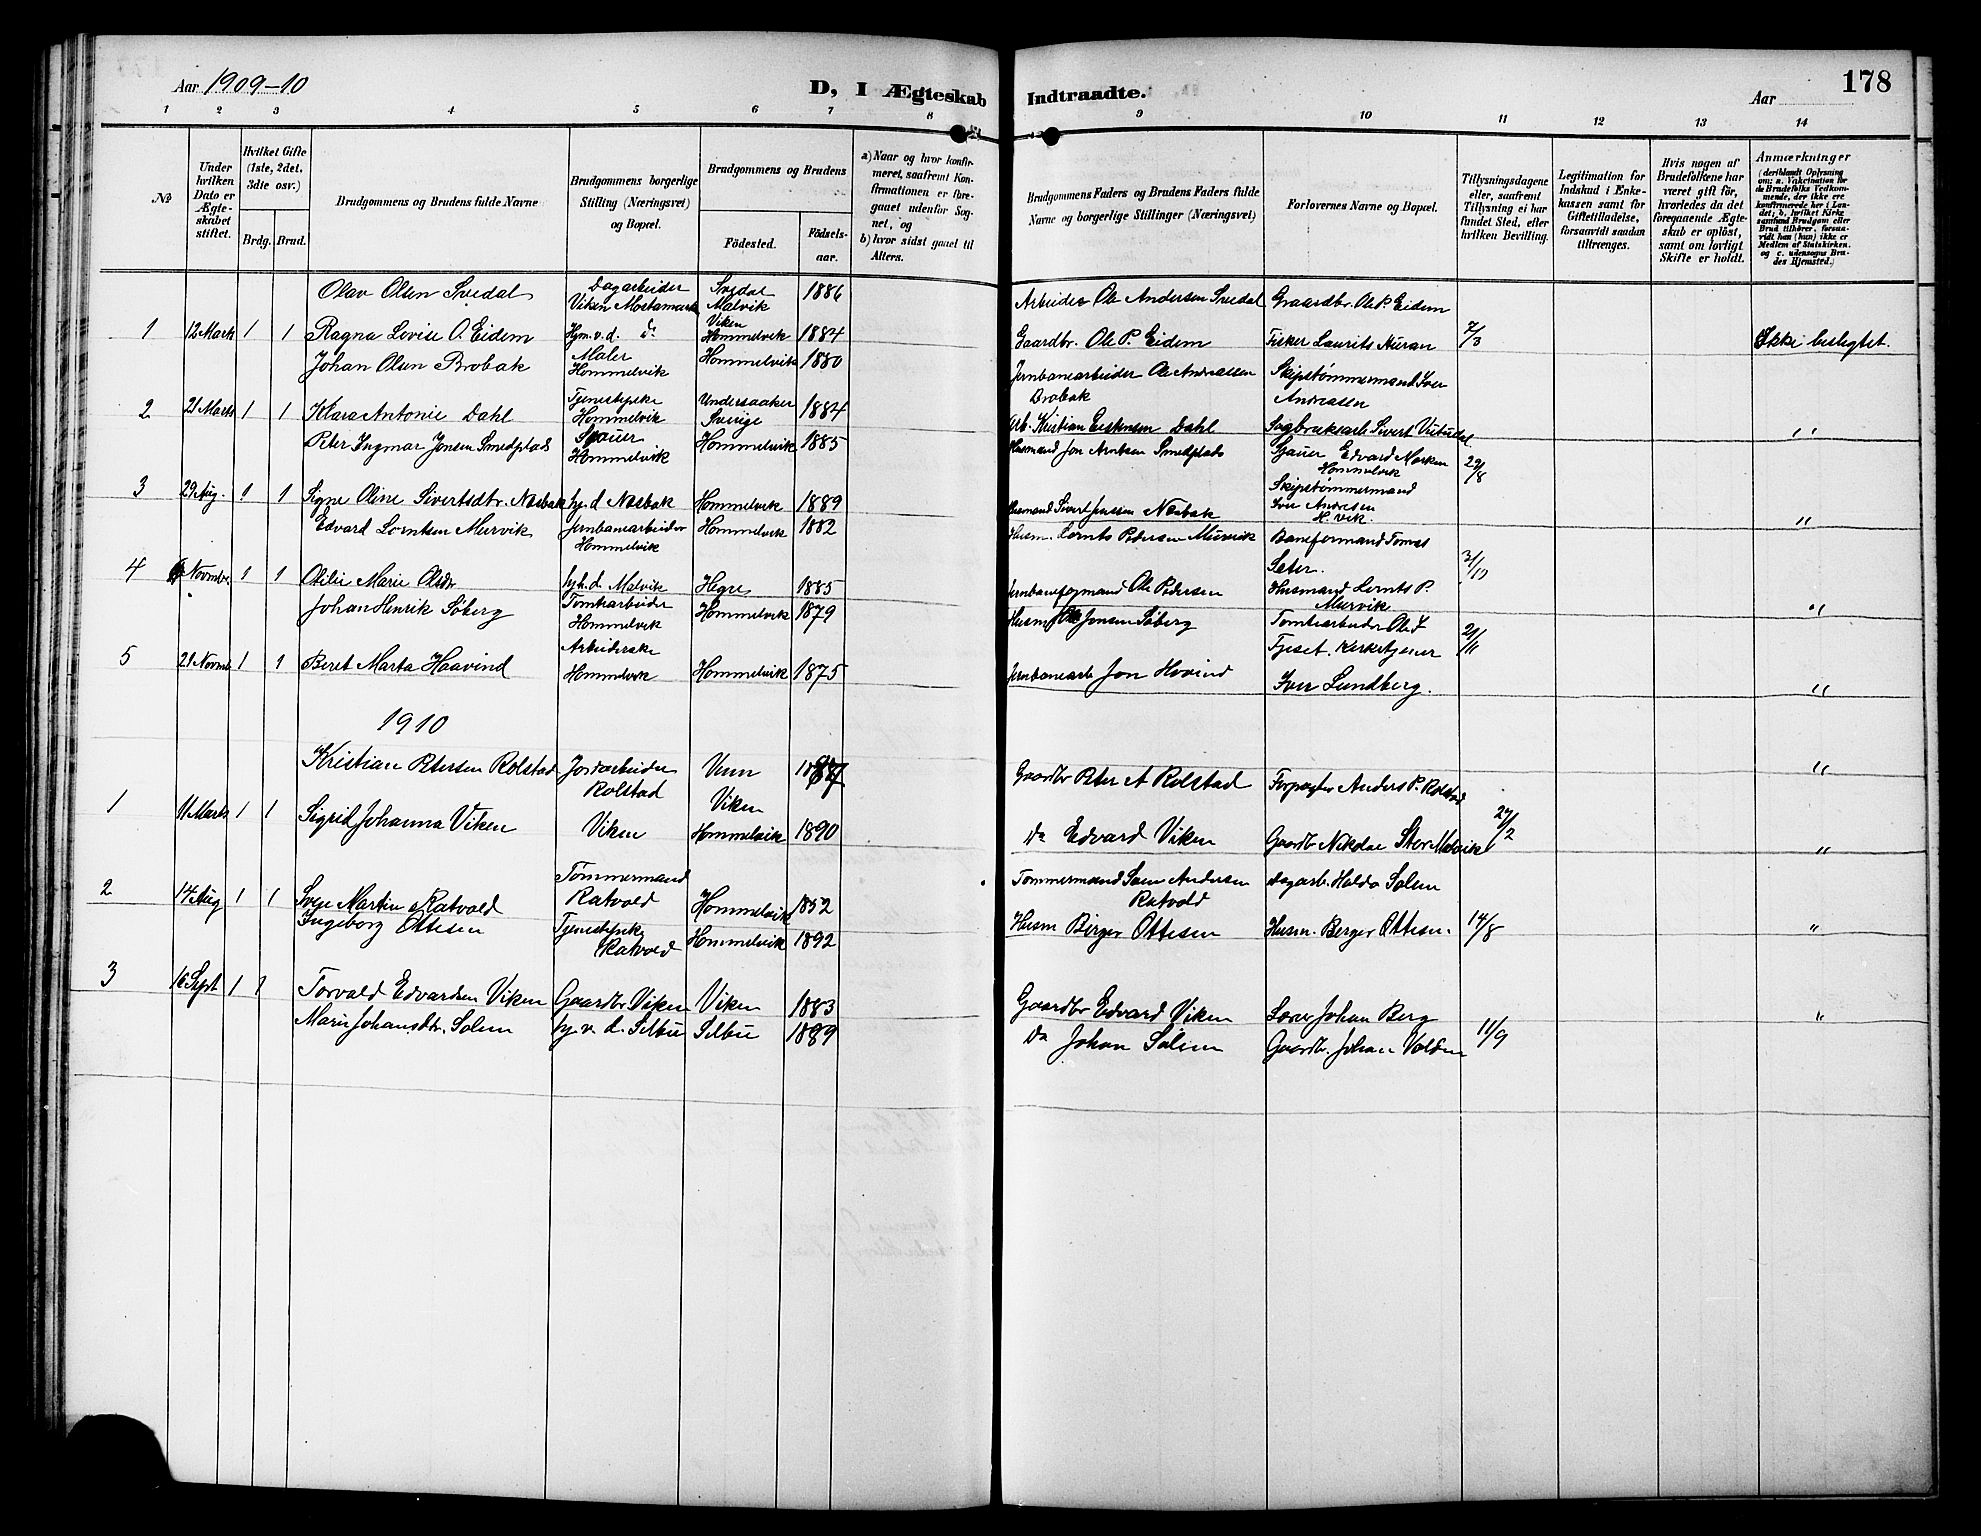 SAT, Ministerialprotokoller, klokkerbøker og fødselsregistre - Sør-Trøndelag, 617/L0431: Klokkerbok nr. 617C01, 1889-1910, s. 178